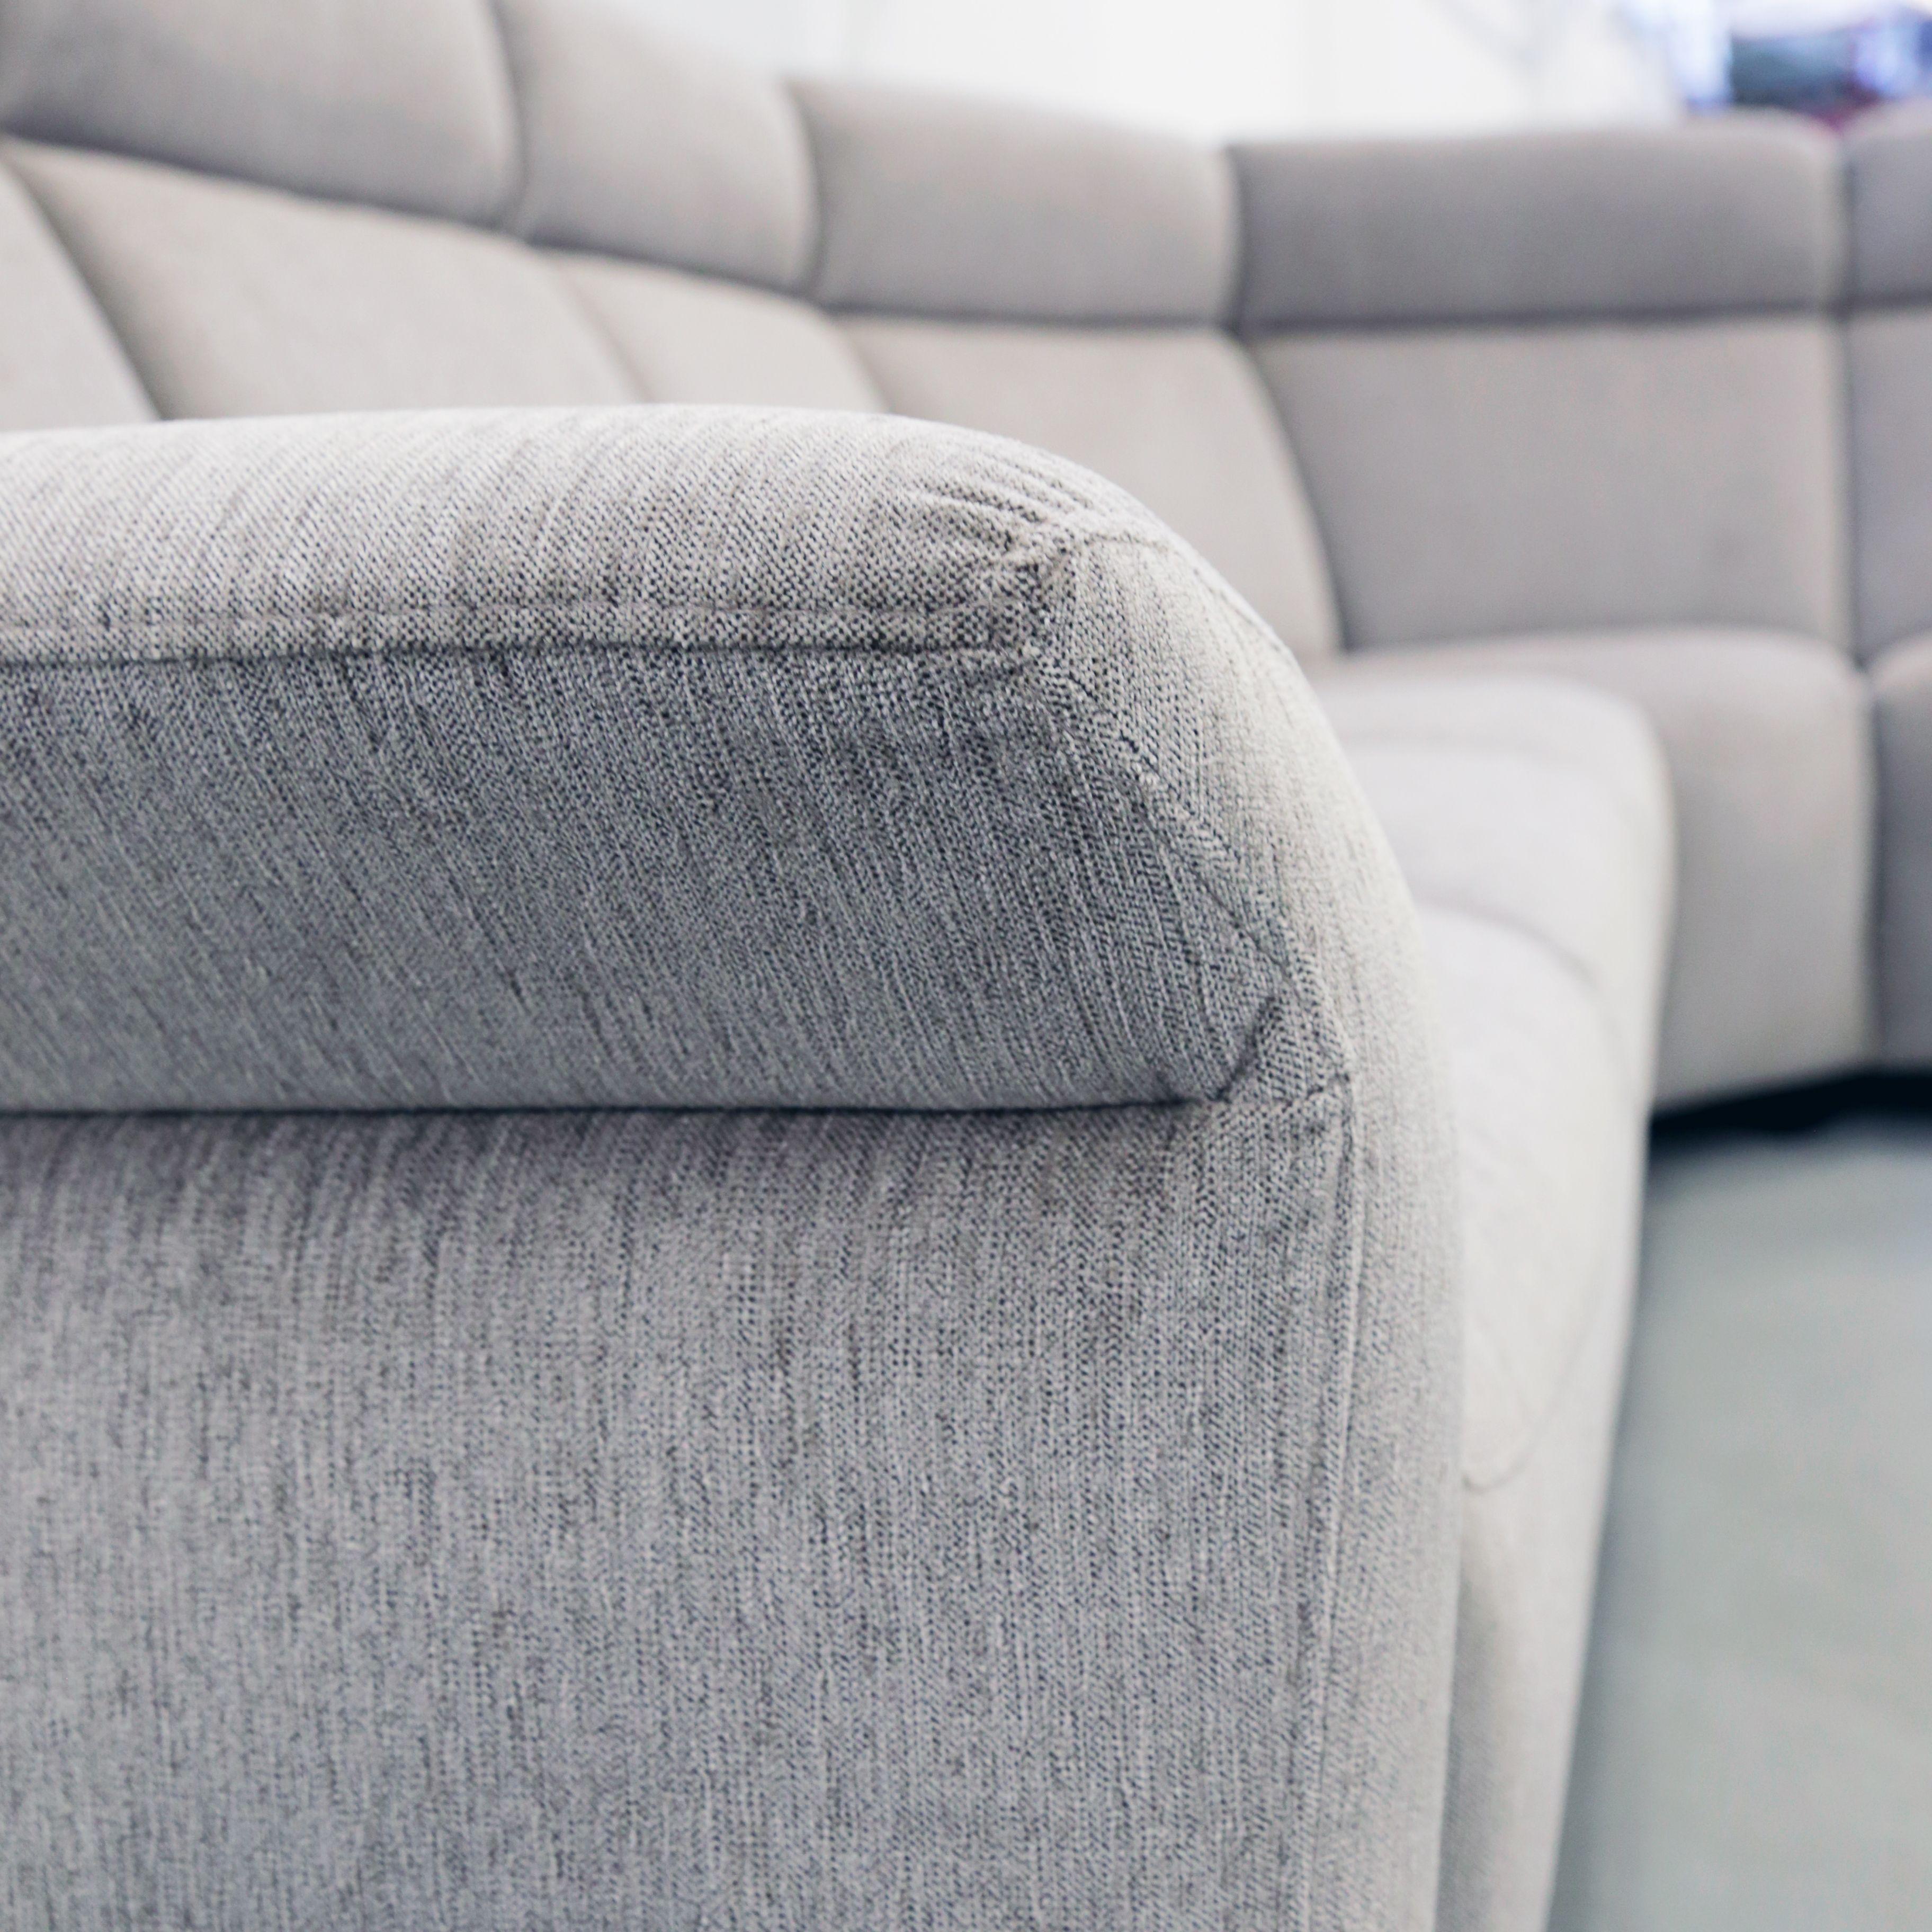 Käsintehdyt yksityiskohdat käsinojassa   Handmade details on the armrest  #pohjanmaan #pohjanmaankaluste #käsintehty